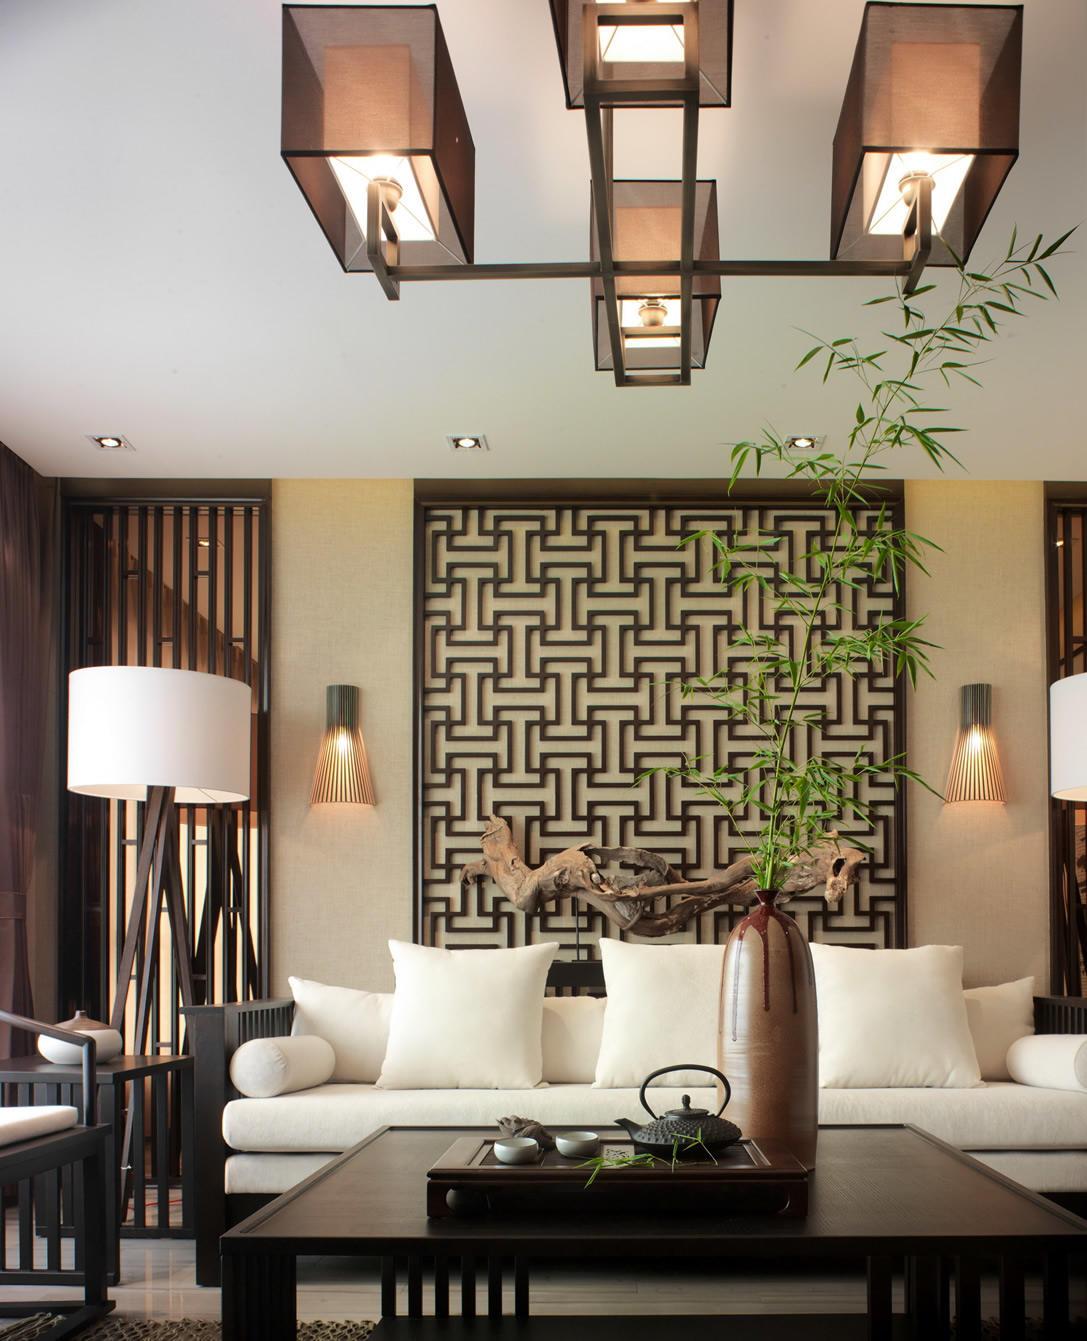 典雅休闲中式风格家居室内灯饰装饰图